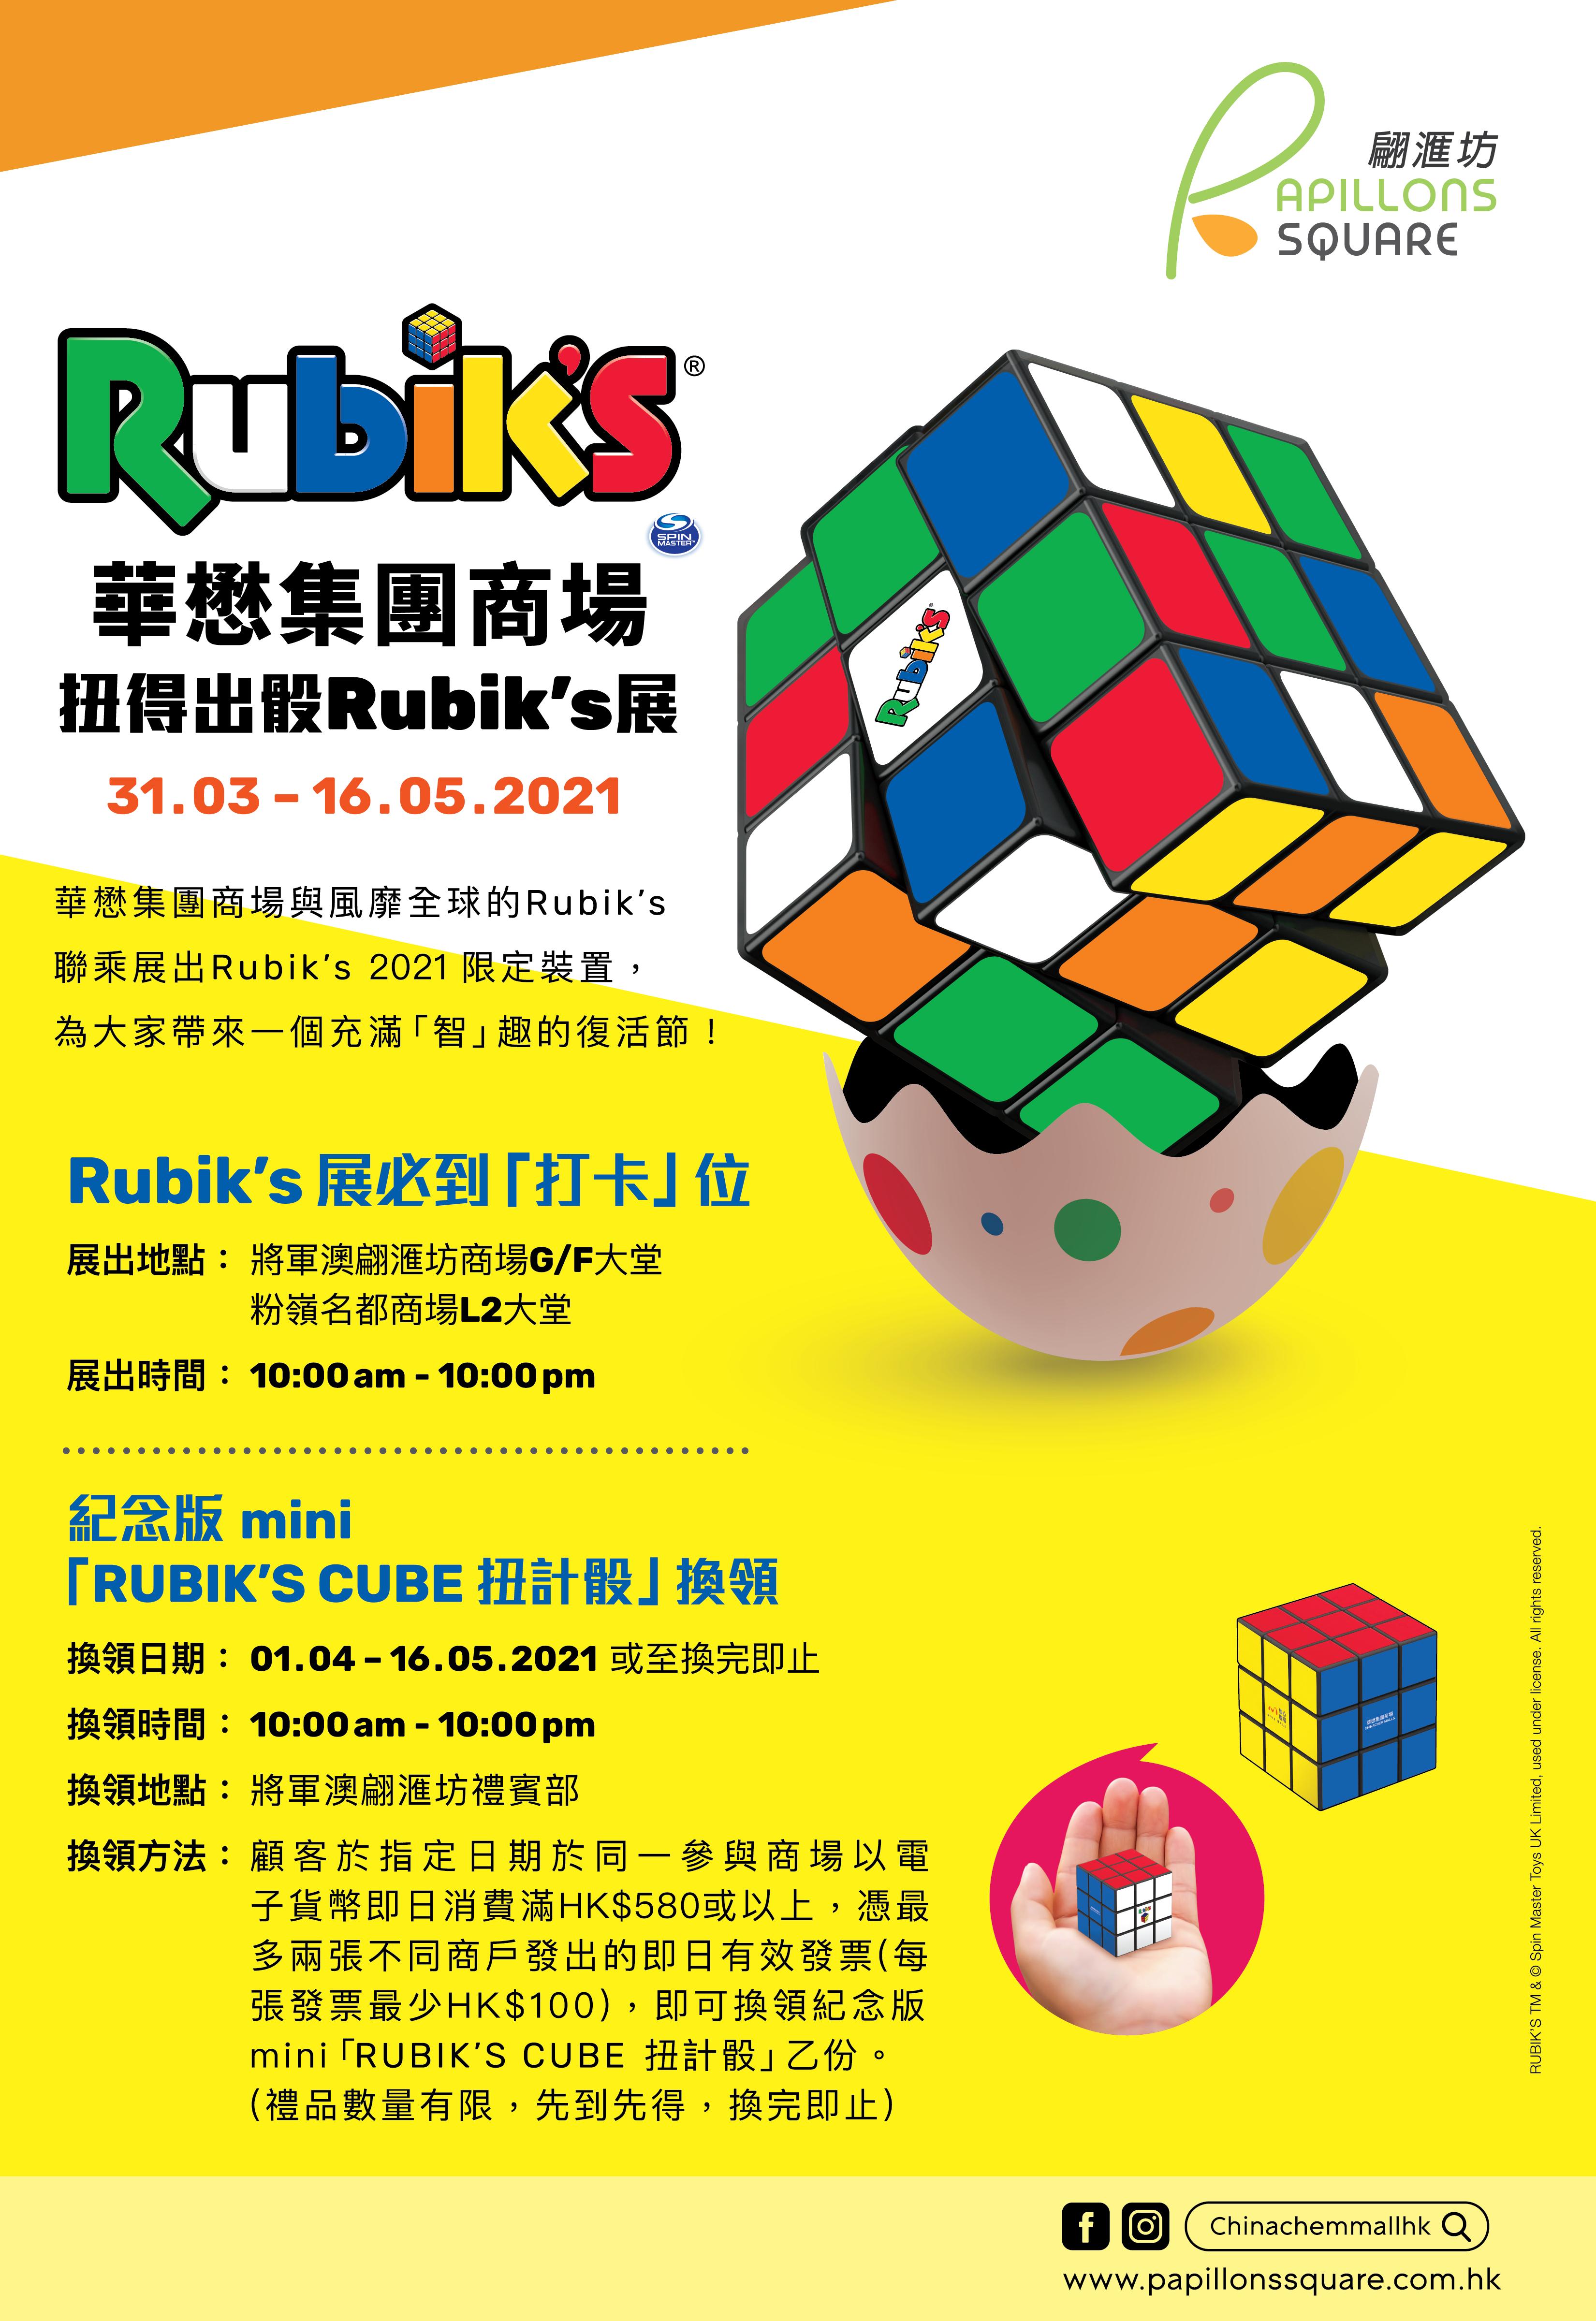 扭得出骰Rubik's展